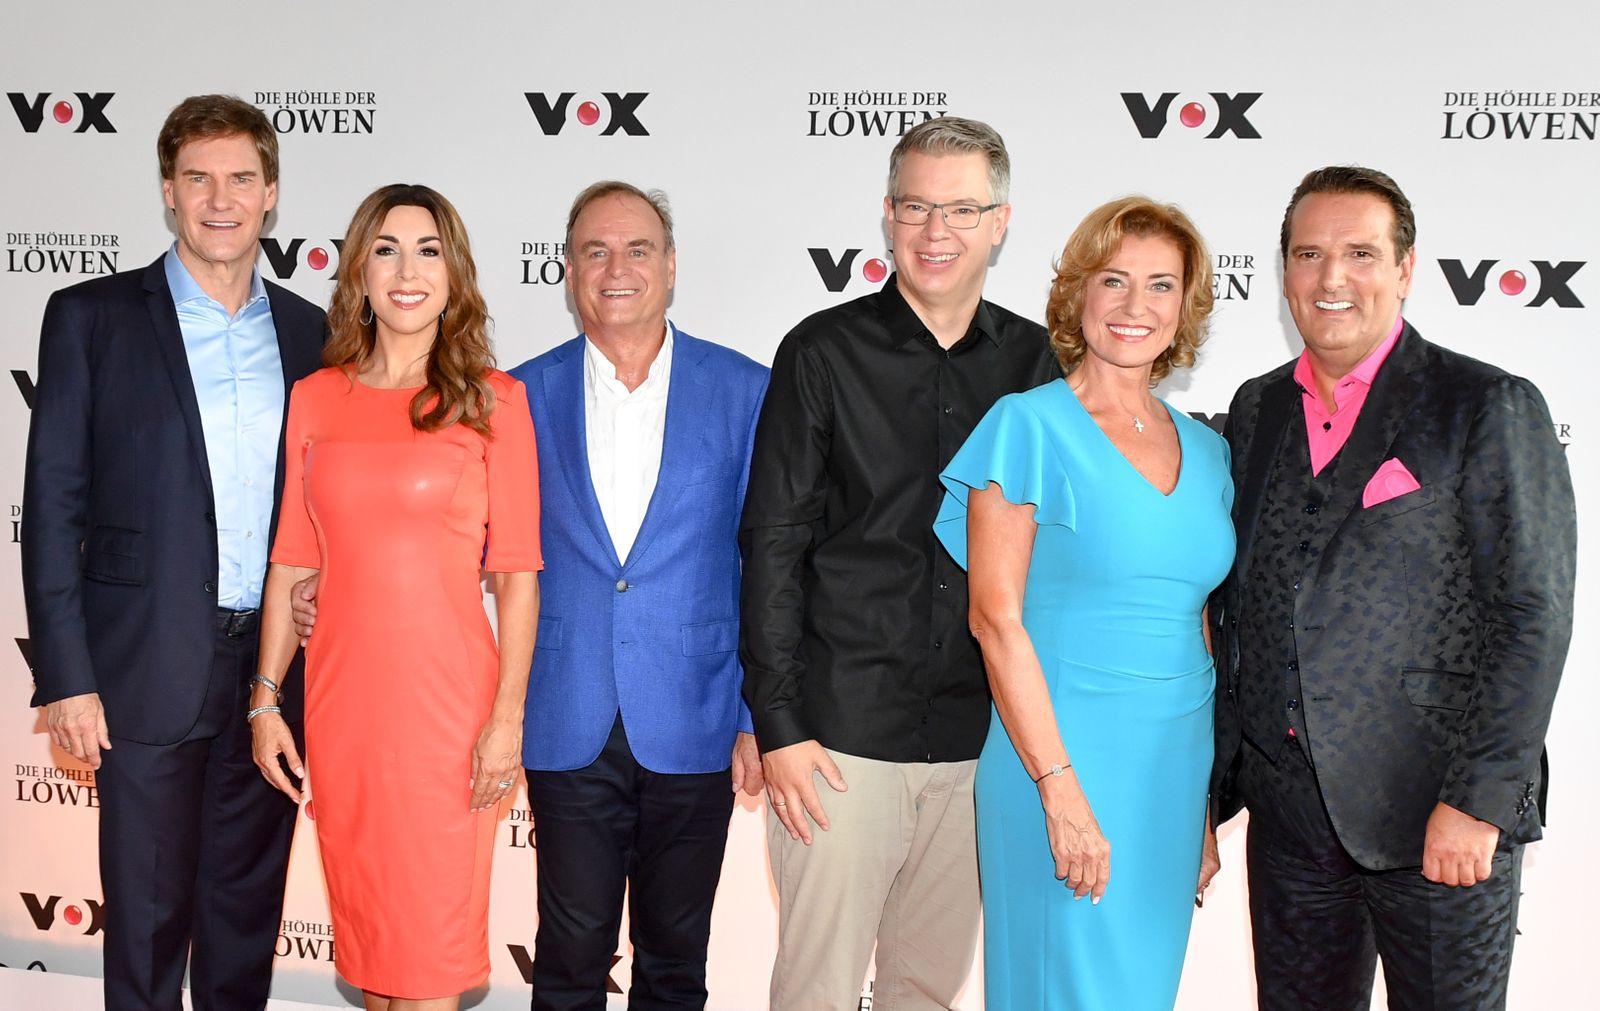 Vox-Show «Die Höhle der Löwen»